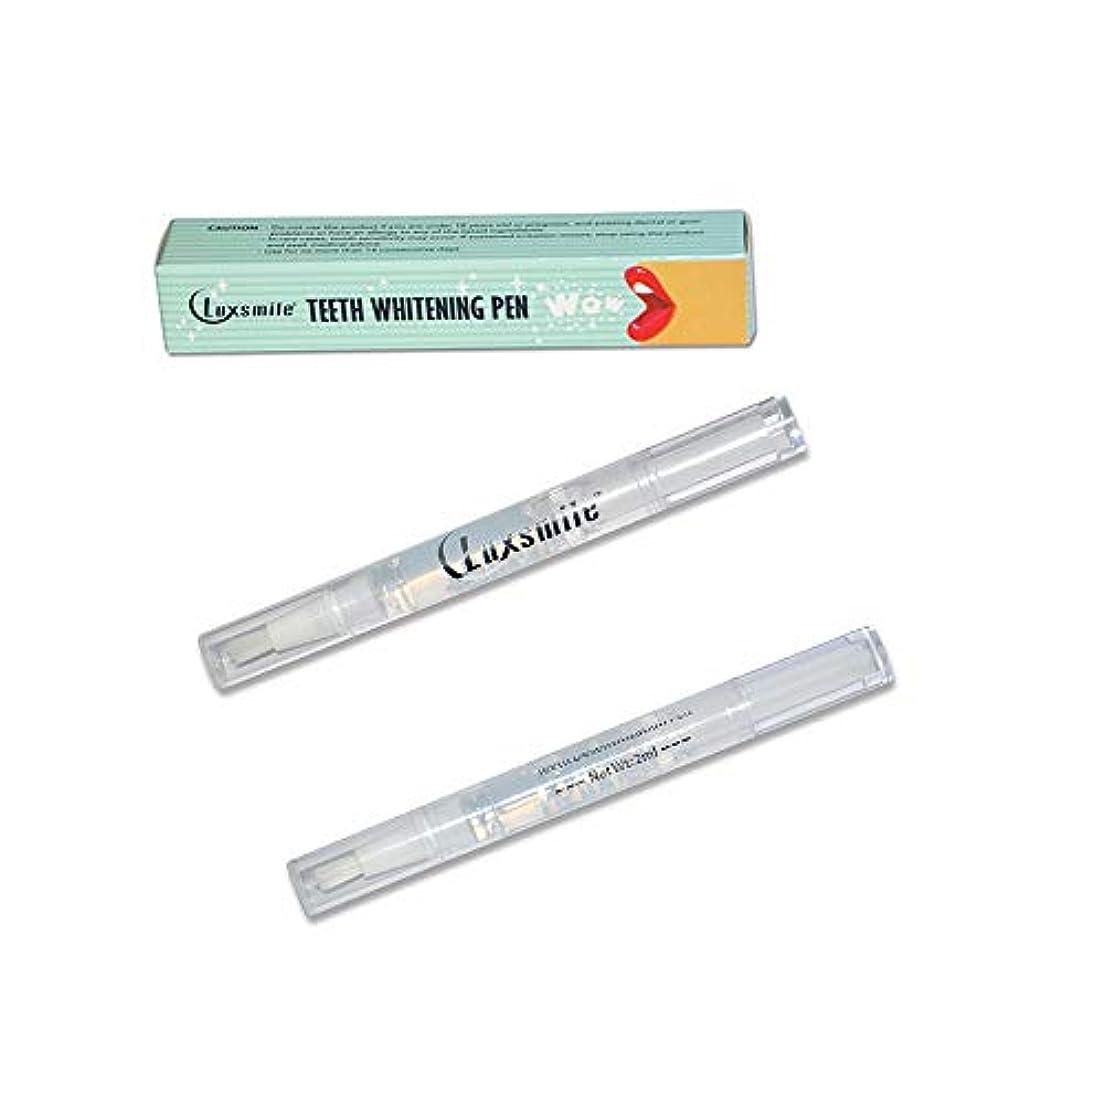 知らせるクランシー審判ホワイトニングペン 2個セット (18%過酸化尿素配合)